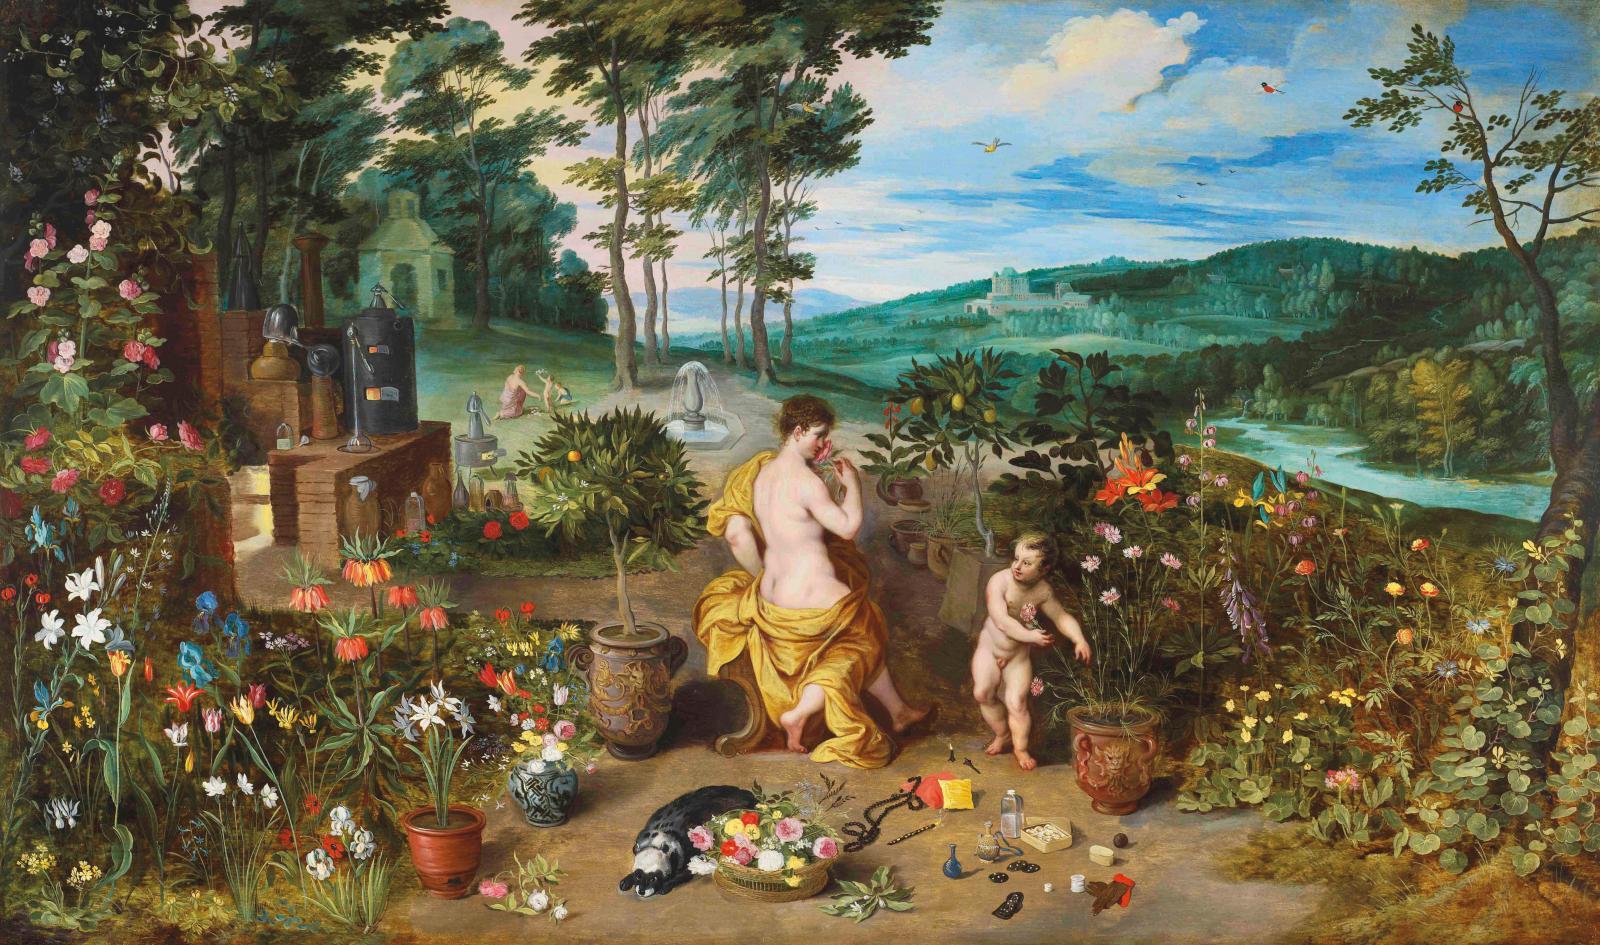 Jan Bruegel le Jeune (1601-1678), Le Printemps ou l'Allégorie de l'odorat, vers 1640, huile sur bois, 53 x 89 cm (détail). Galerie Florence de Voldère